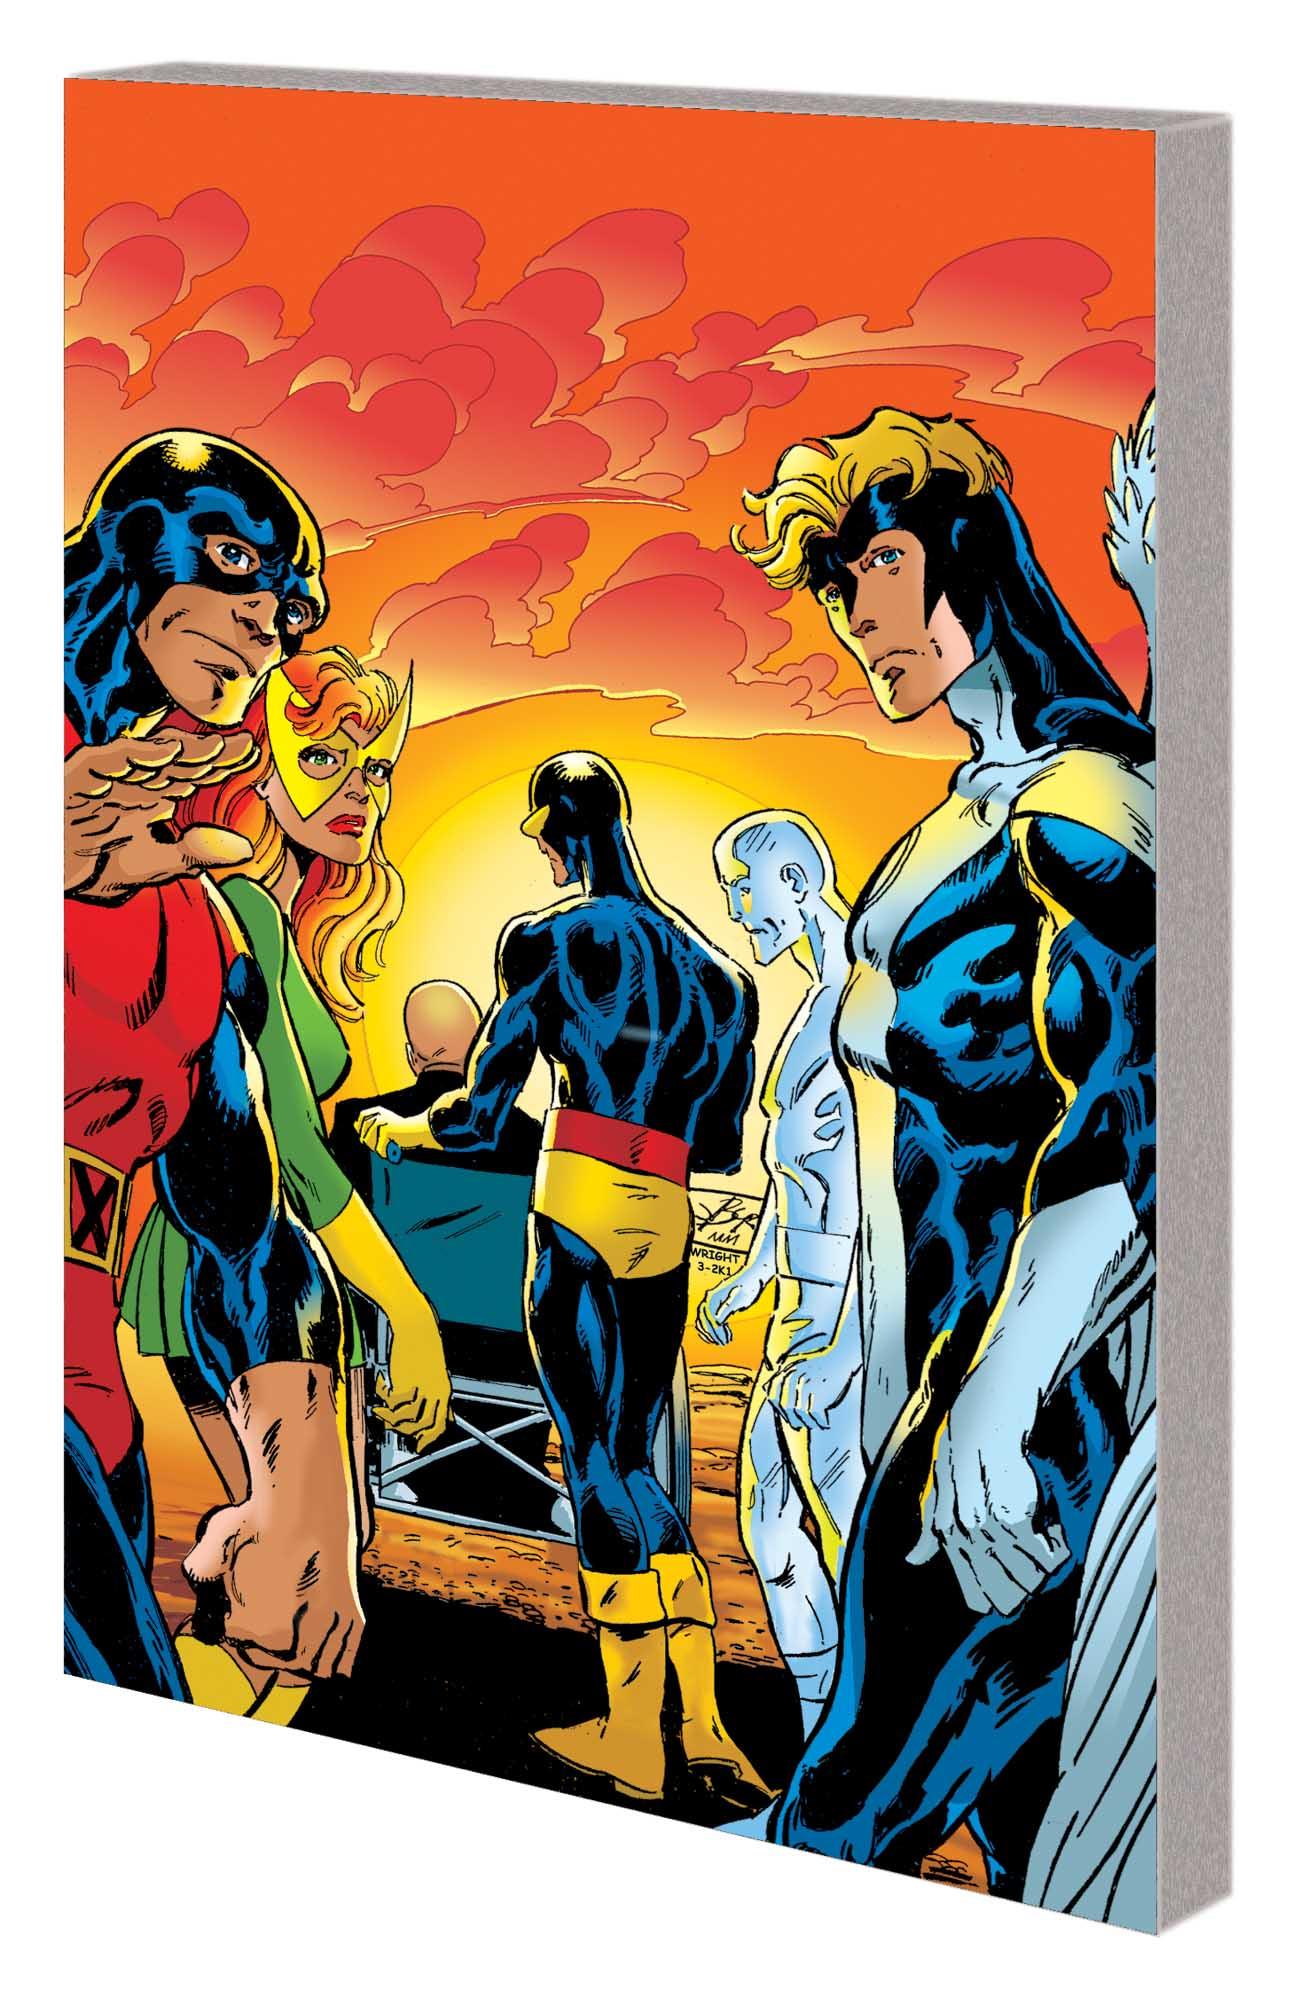 X-Men: The Hidden Years Vol. 2 (Trade Paperback)